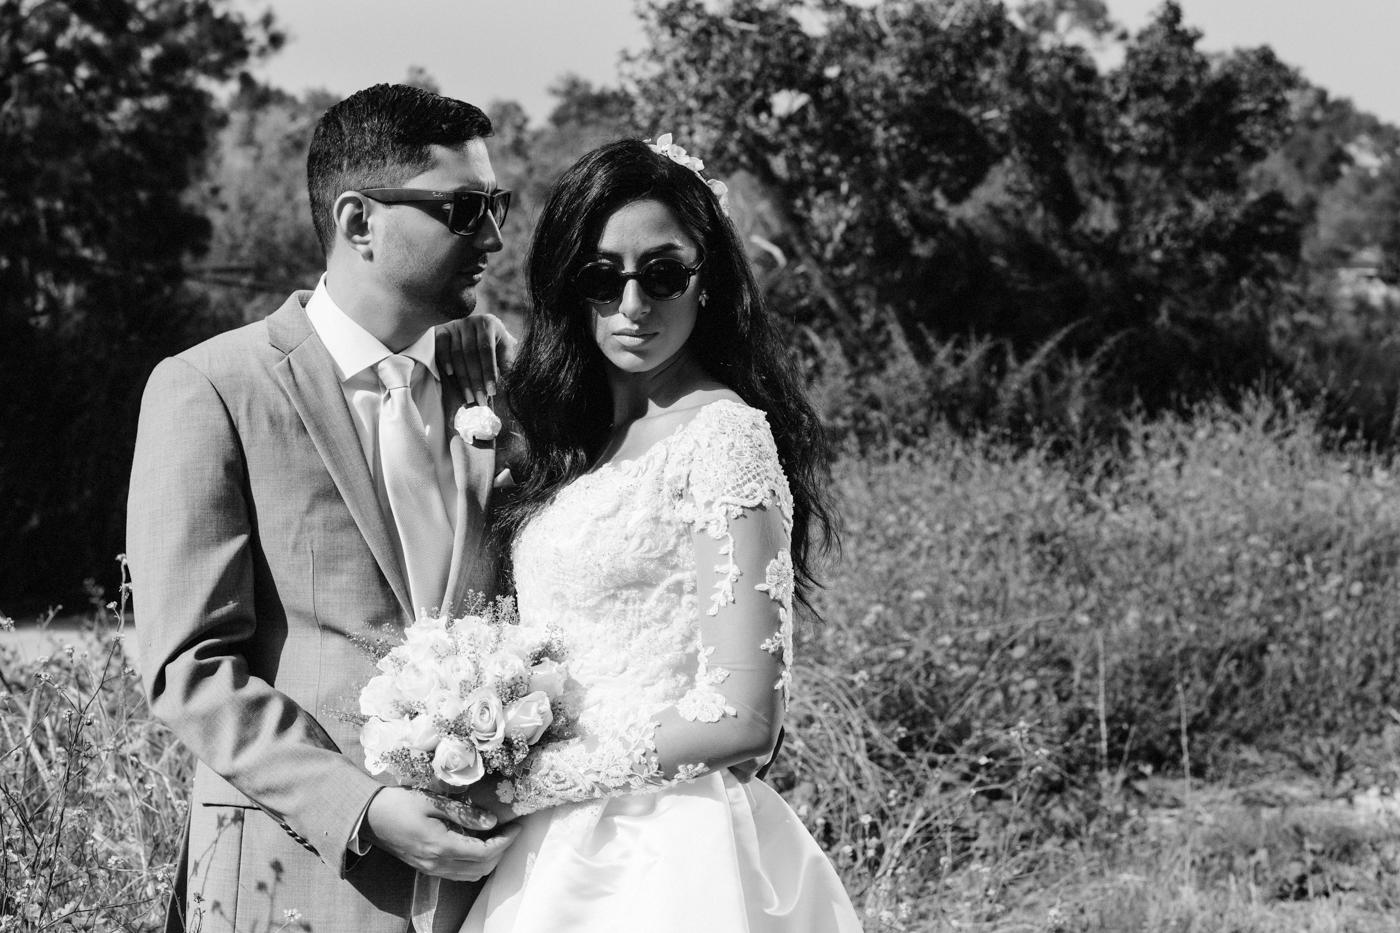 החתונה של דיאנה וברק